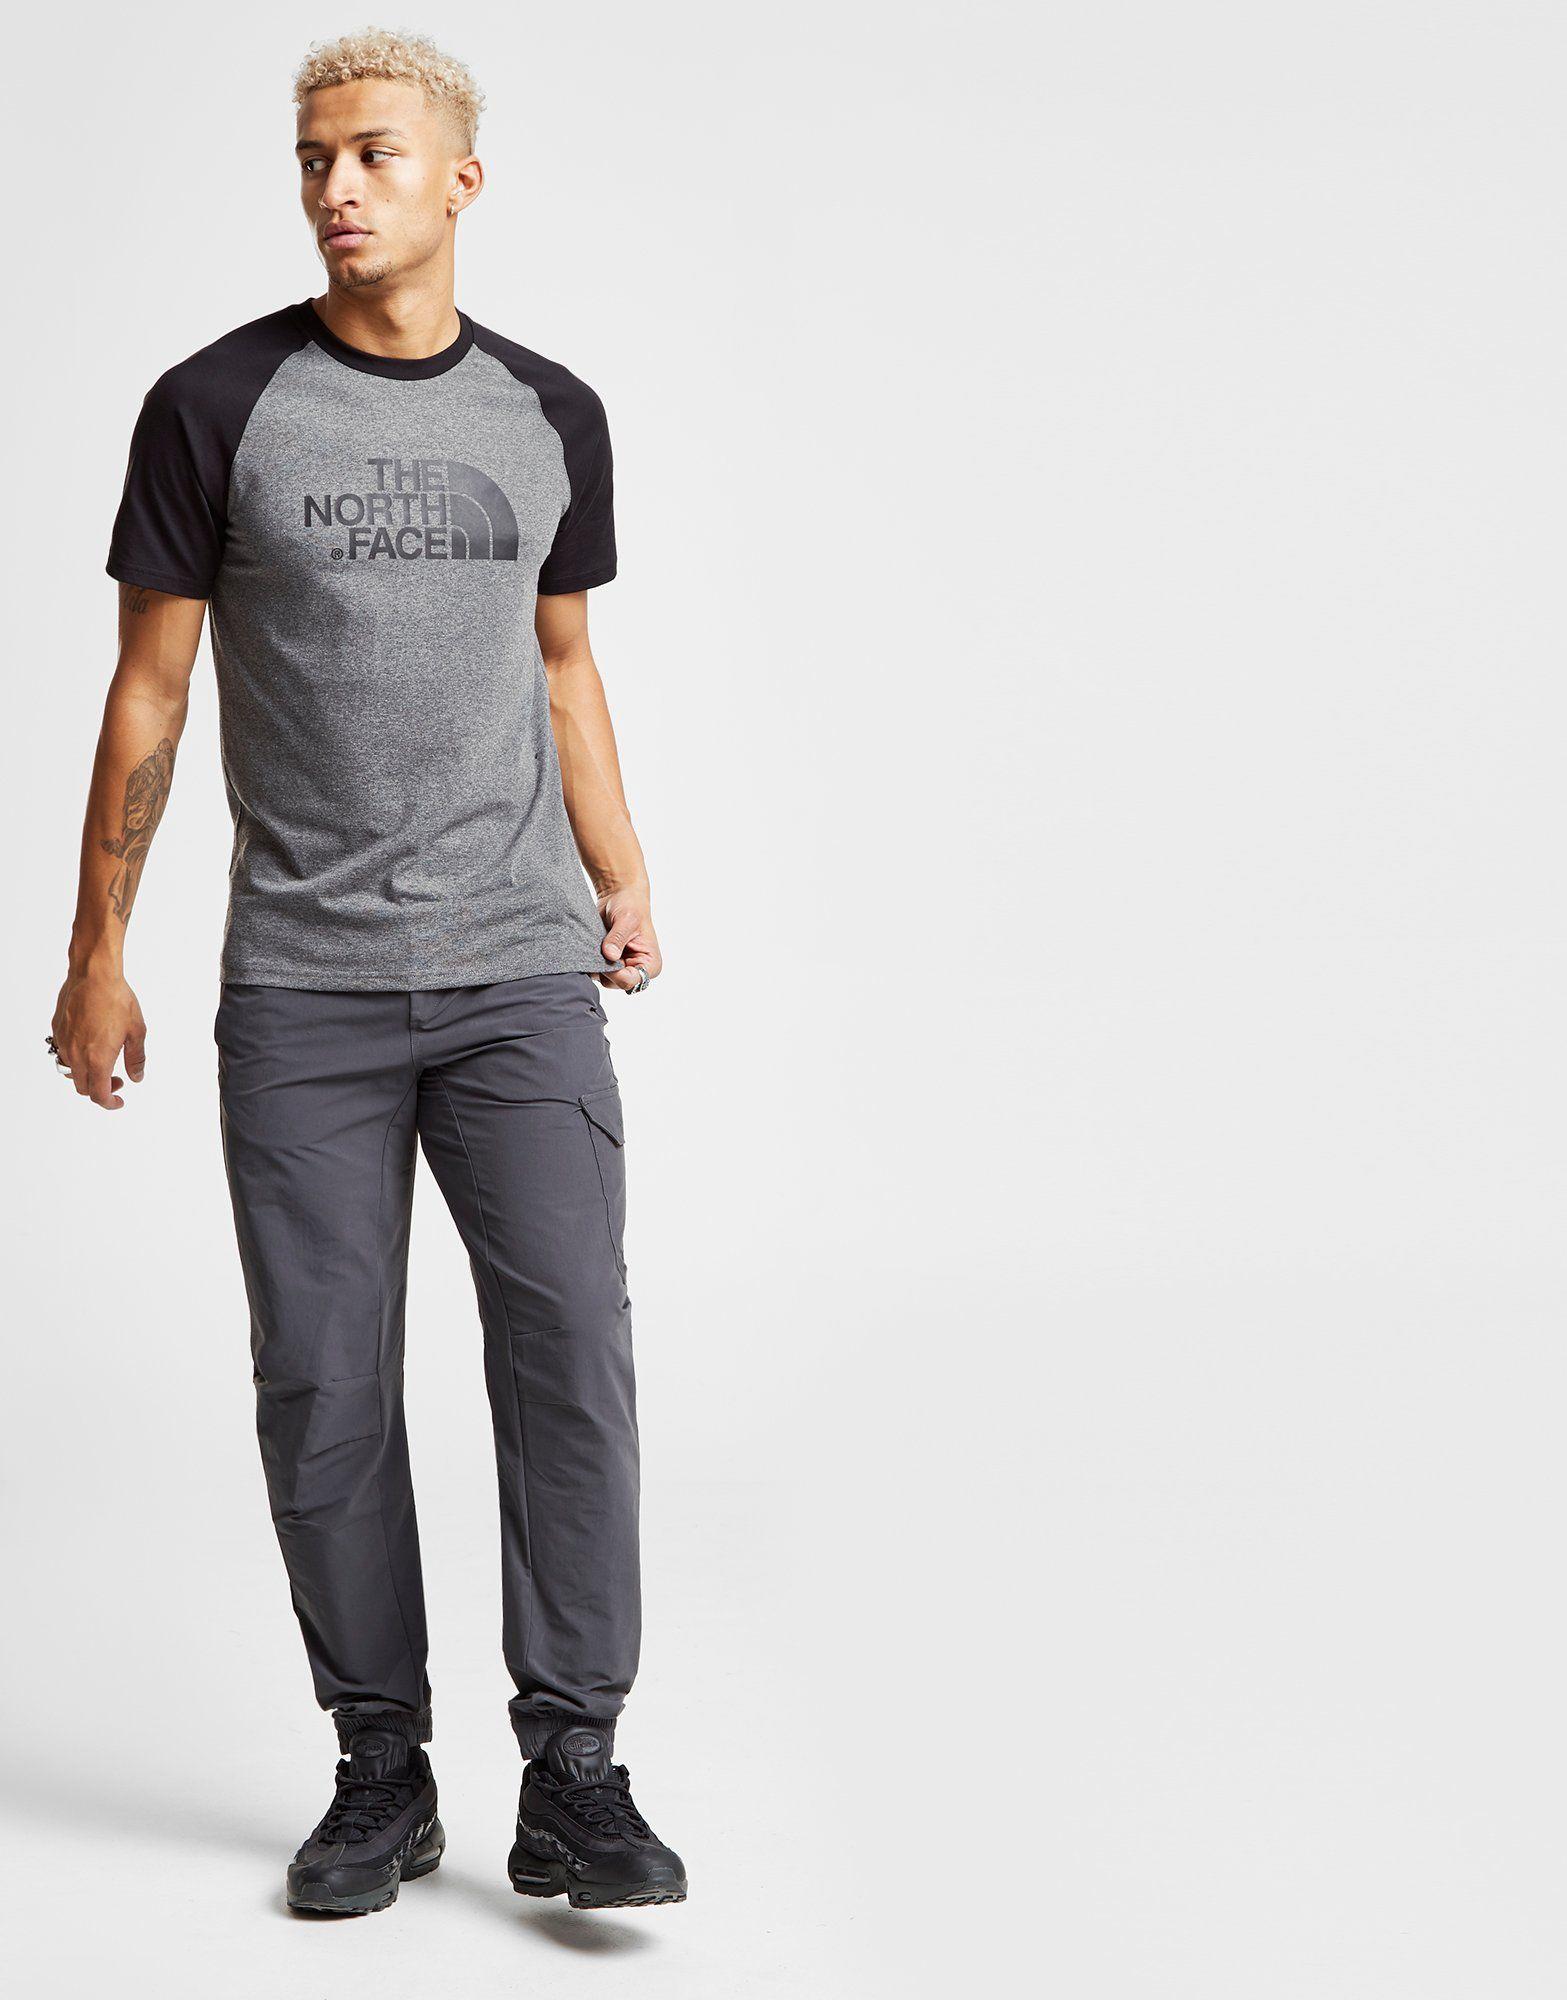 The North Face Raglan T-Shirt Grau